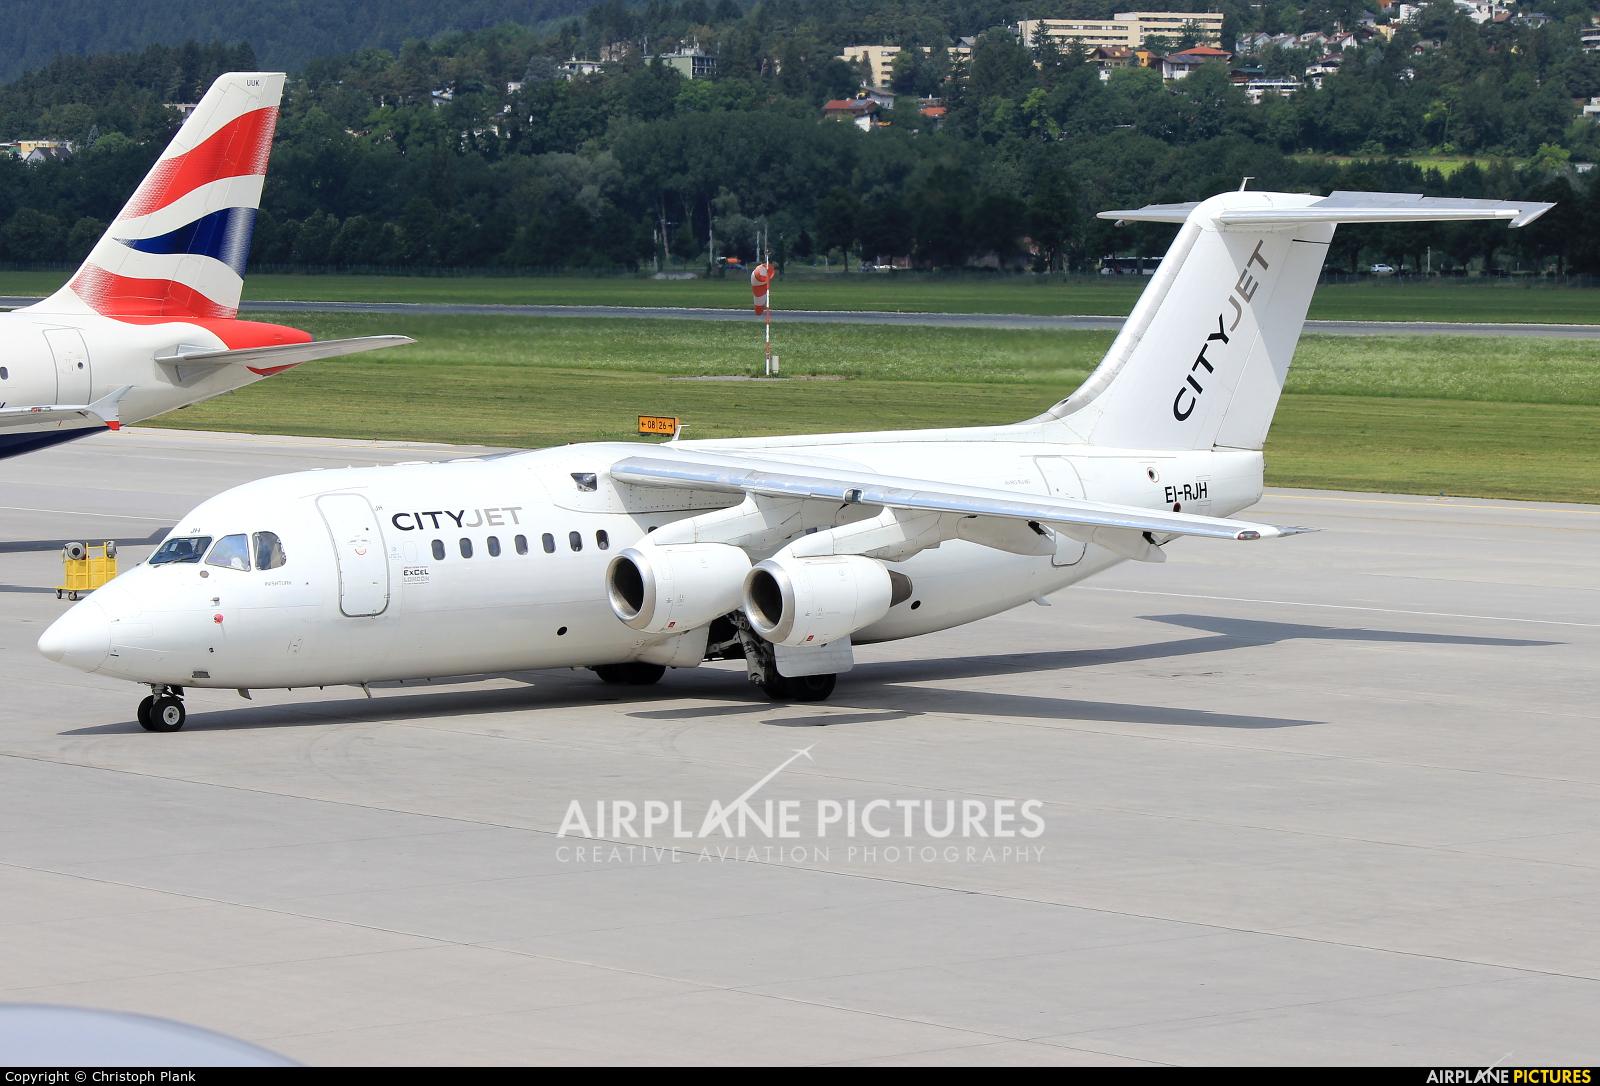 CityJet EI-RJH aircraft at Innsbruck